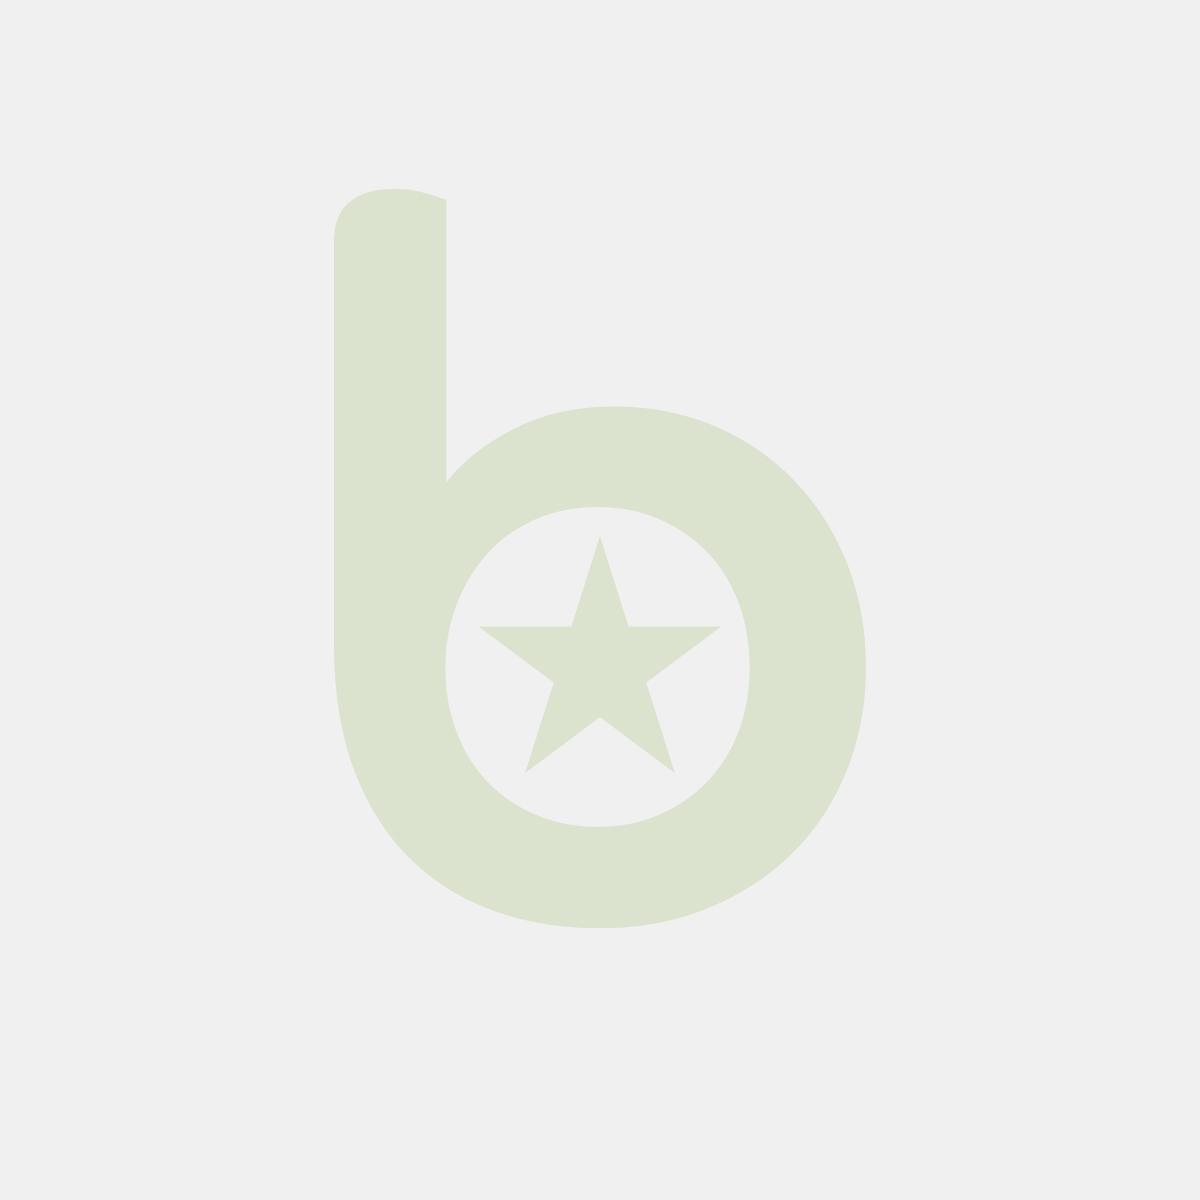 """Serwetki PAPSTAR trójwarstwowe, składane w 1/4, 25 cm x 25 cm, """"Vin Blanc"""" opakowanie 50szt"""